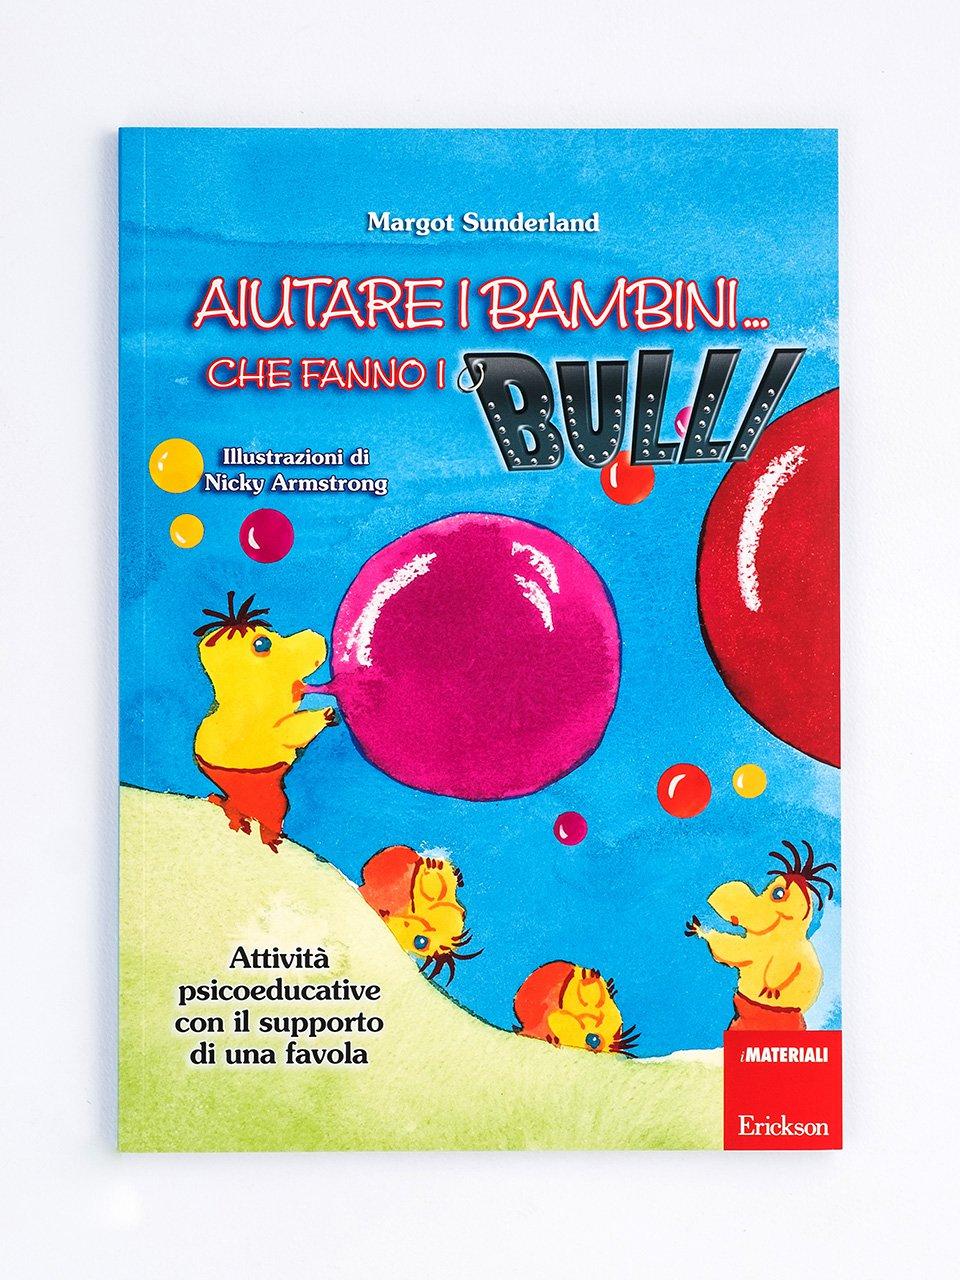 Aiutare i bambini... che fanno i bulli Libro + Allegati - Erickson Eshop